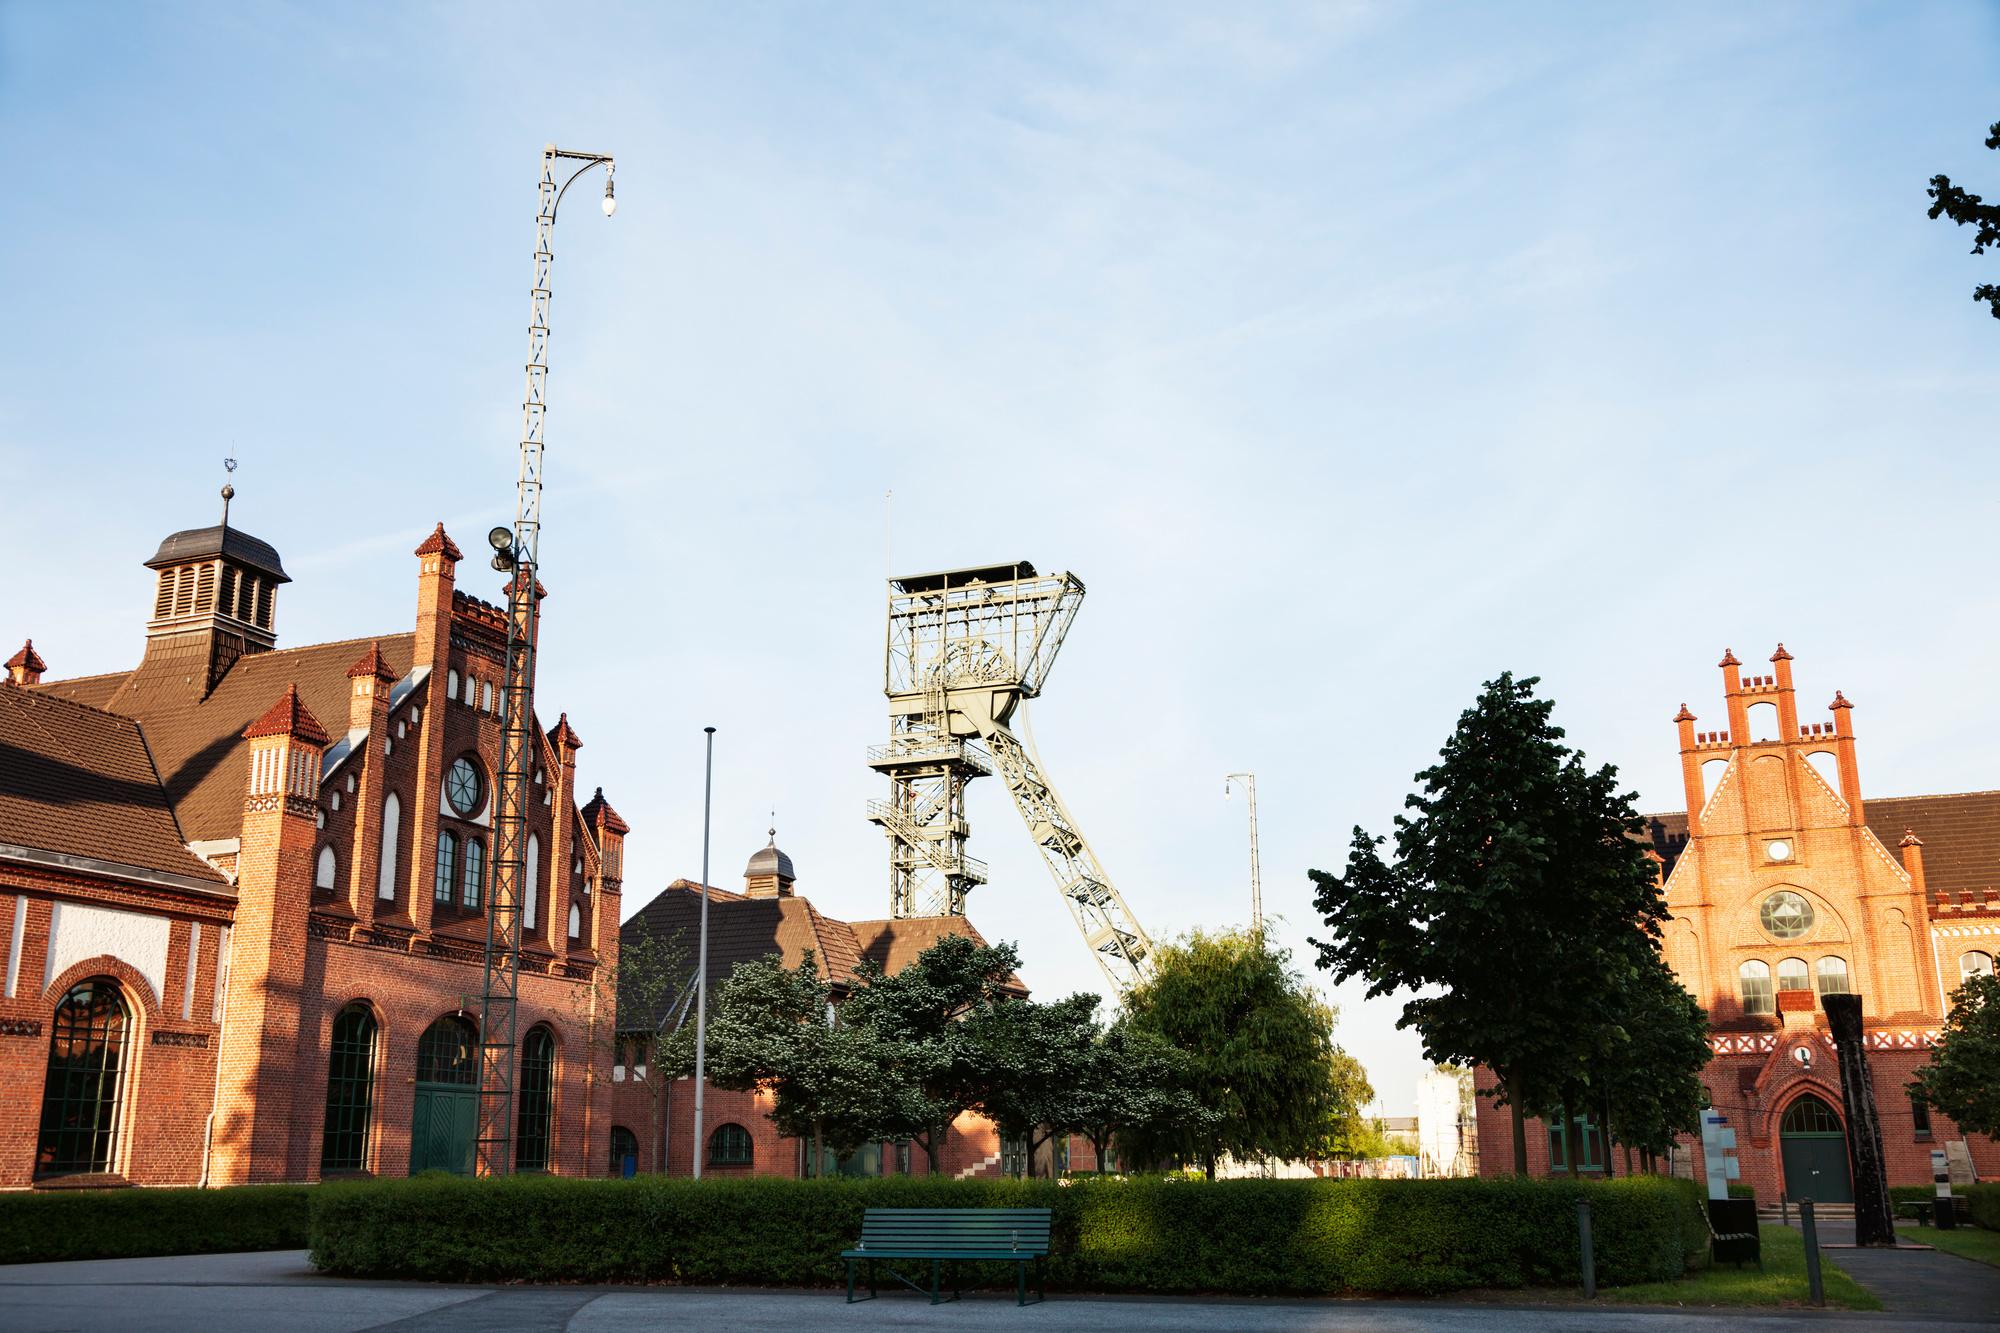 Architecture à Dortmund, Getty